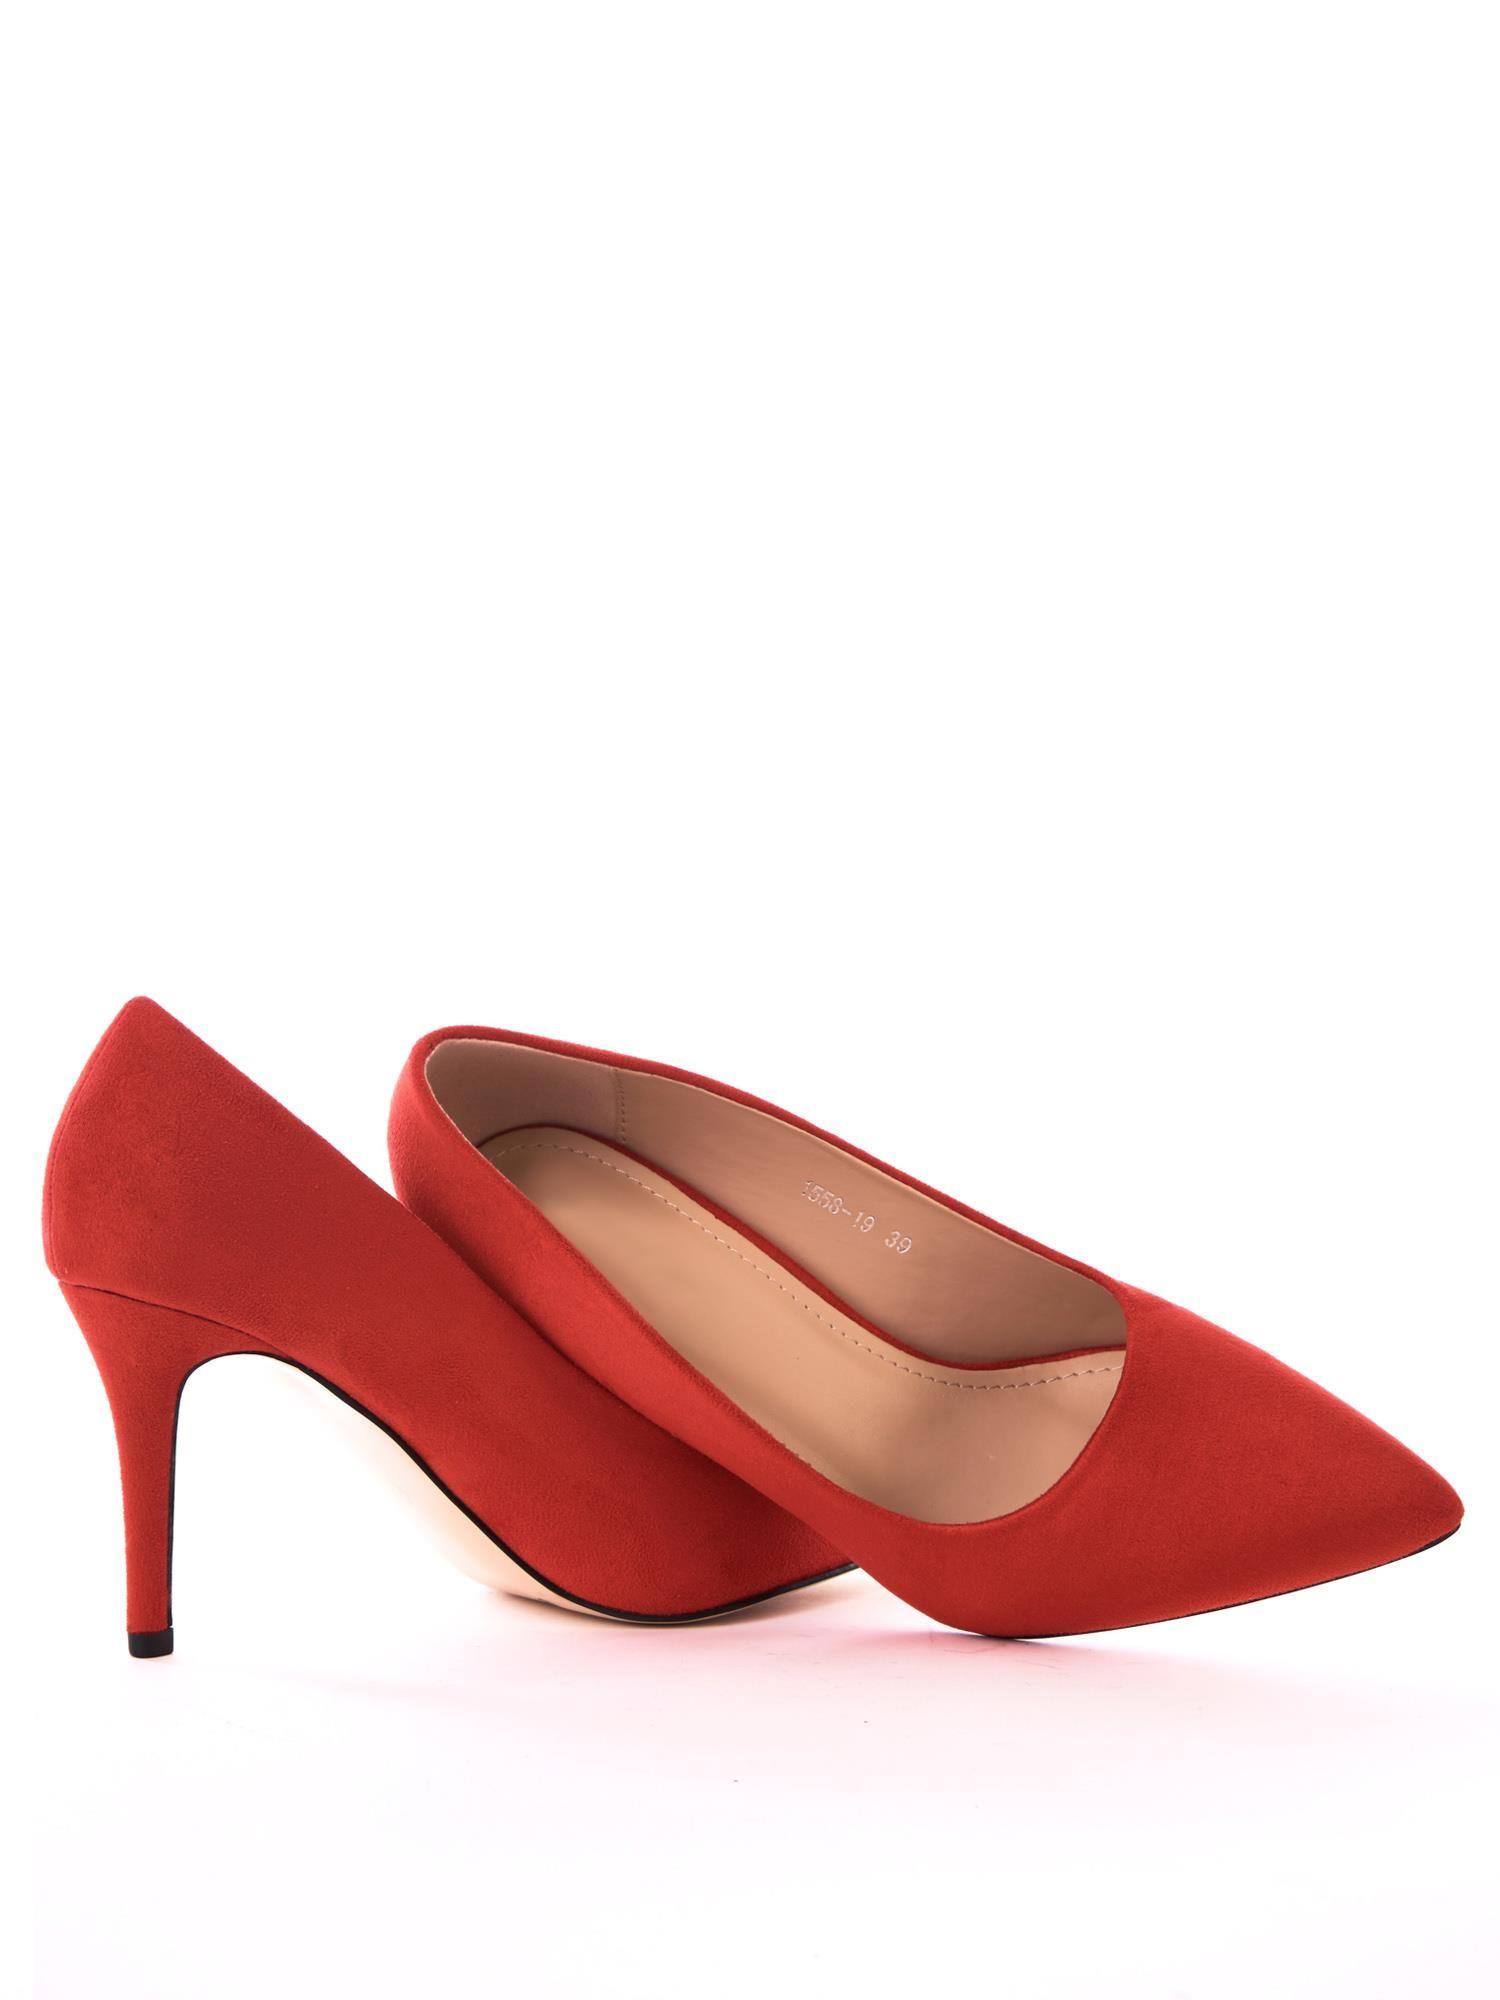 buty damskie szpilki ze skory czerwonr rozmiar 39